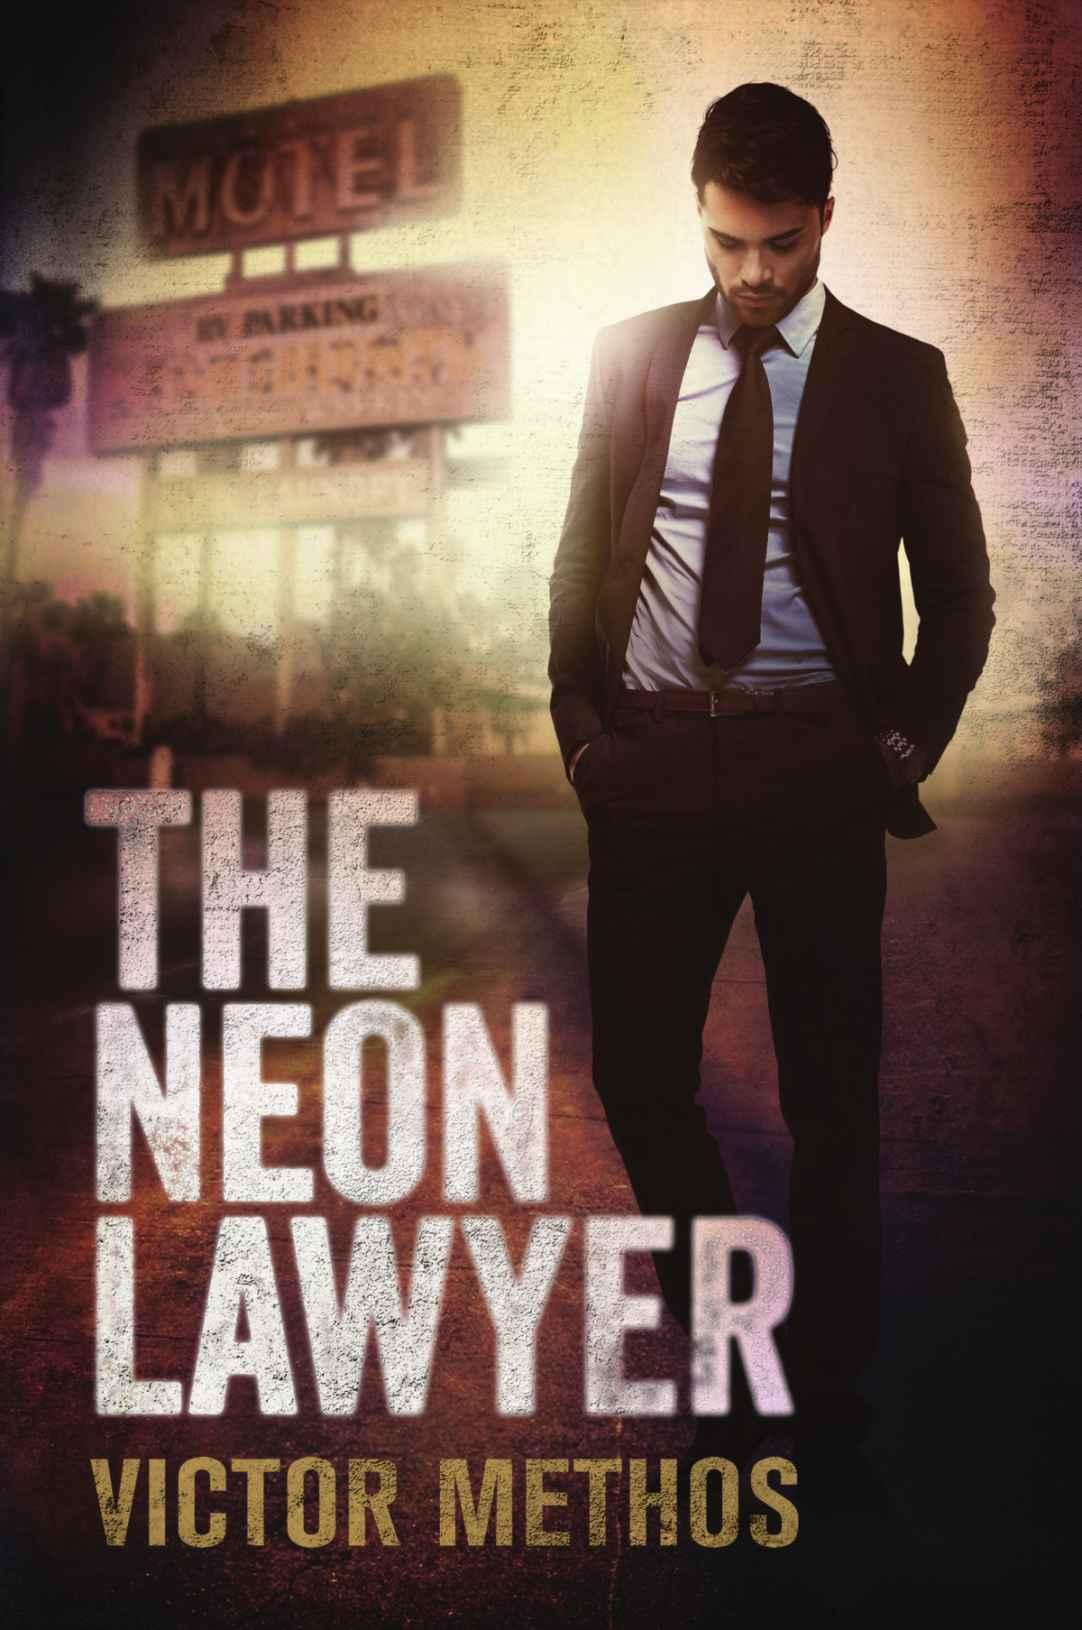 The Neon Lawyer - Victor Methos [kindle] [mobi]